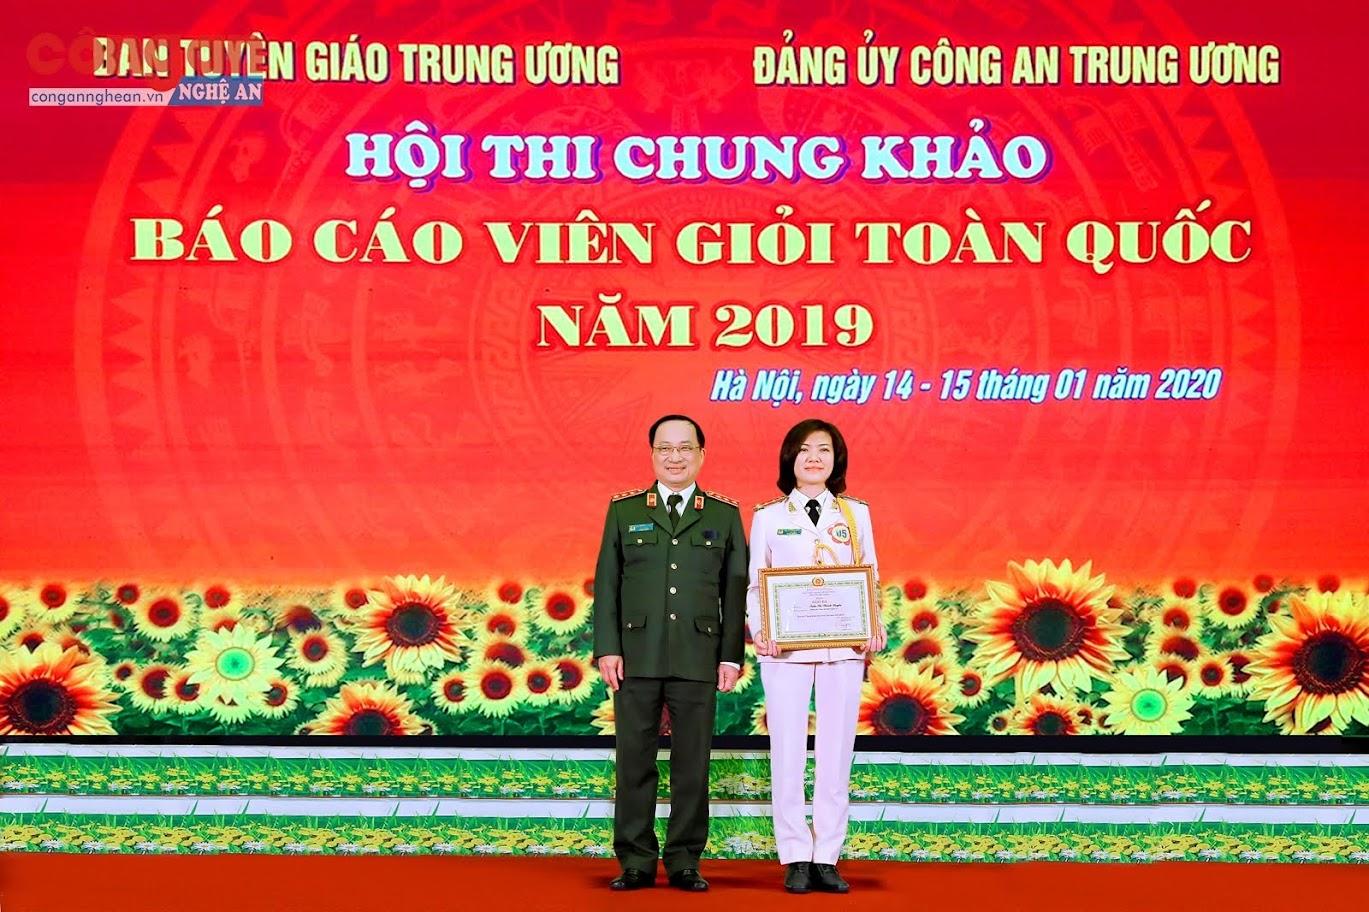 Đại uý Trần Thị Thanh Huyền đạt giải Ba  tại Hội thi báo cáo viên giỏi toàn quốc